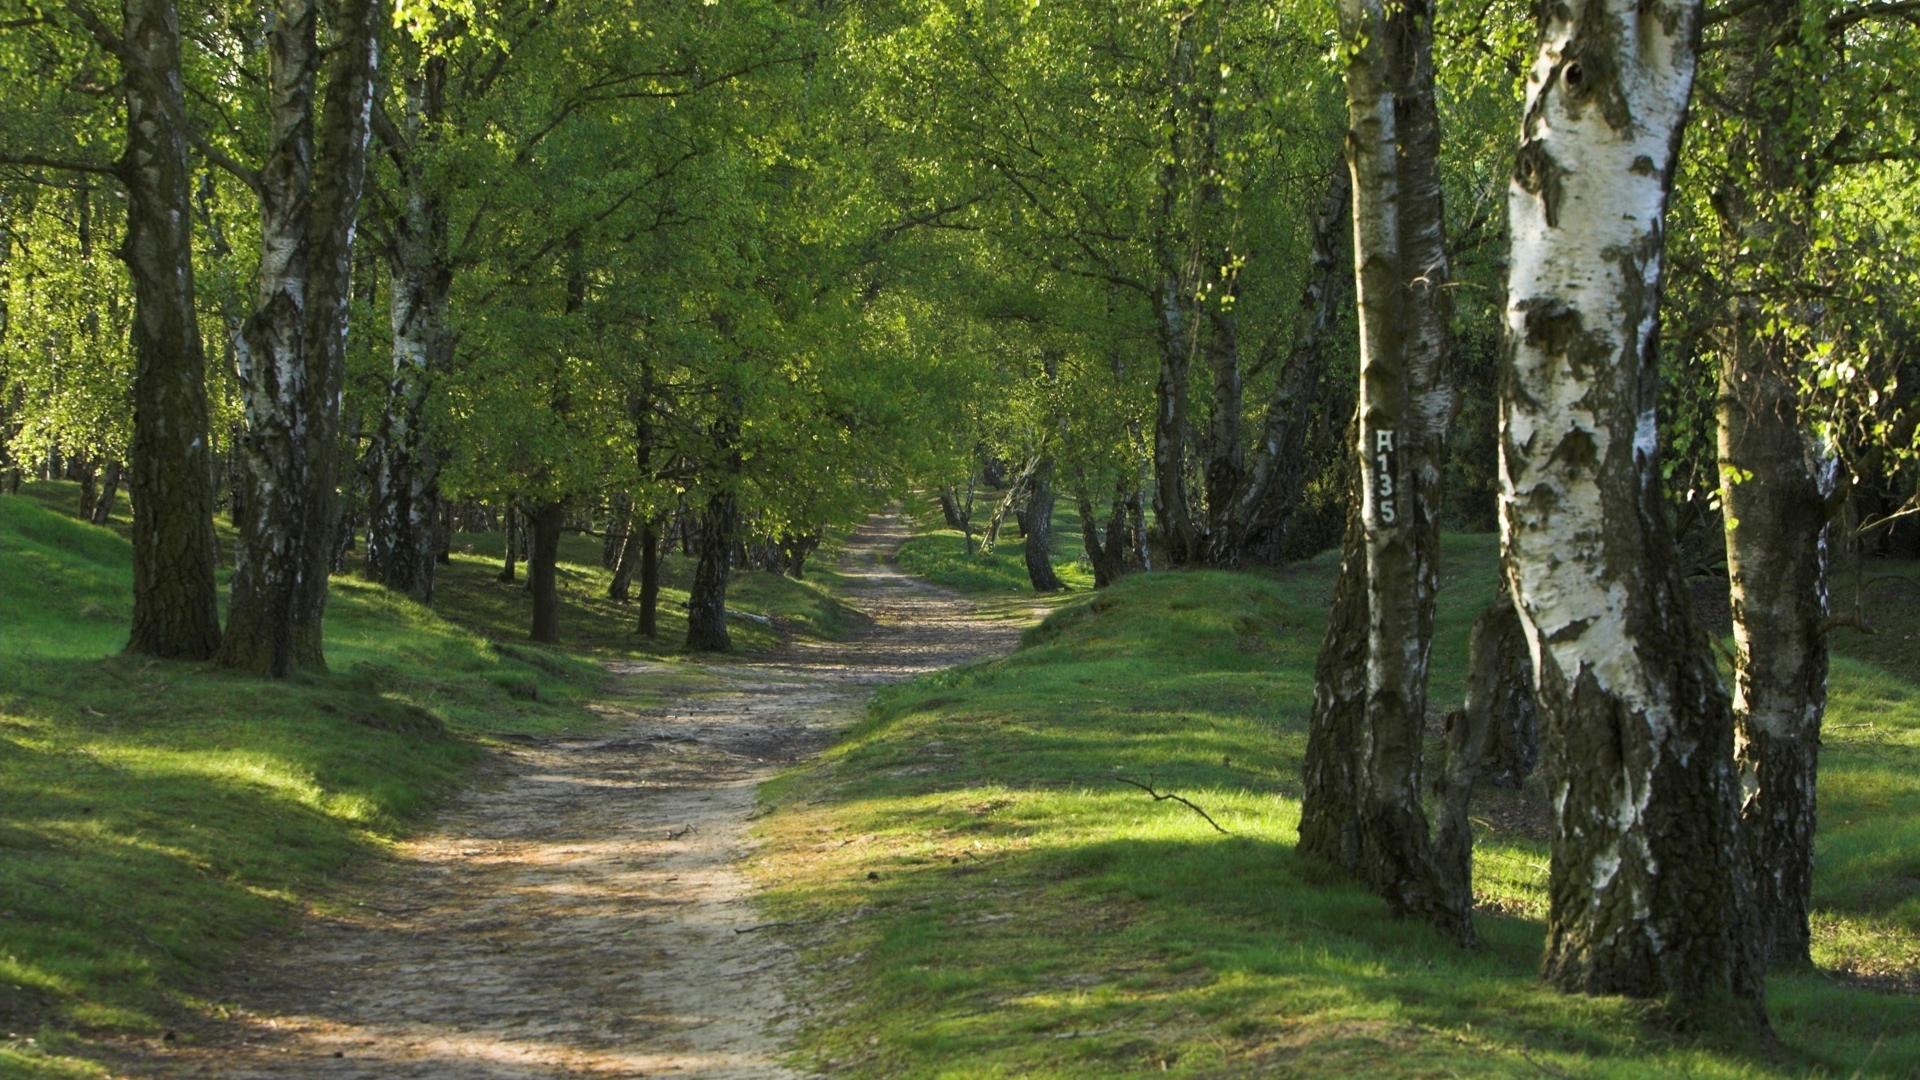 34885 скачать обои Пейзаж, Деревья, Дороги - заставки и картинки бесплатно